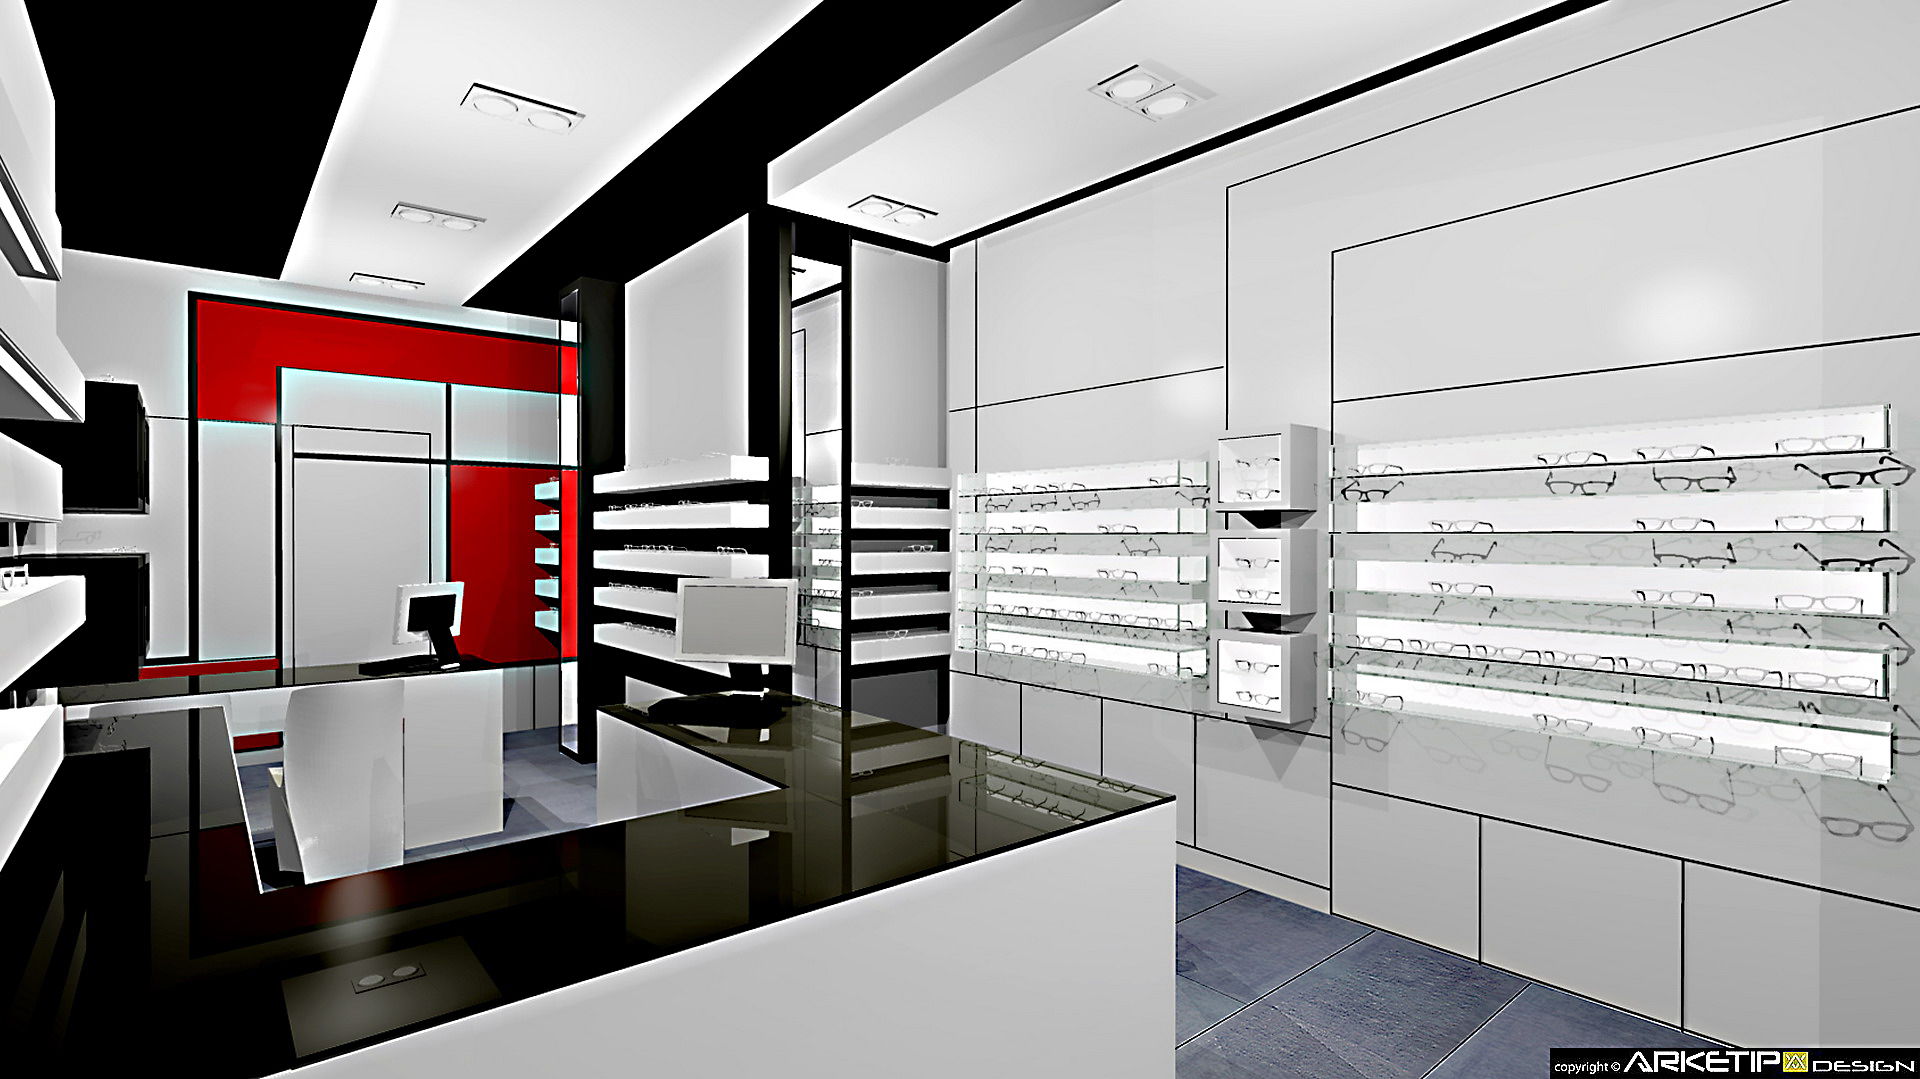 Arredamento ottica del sorbo negozio ottica angri sa for Arredamento 2014